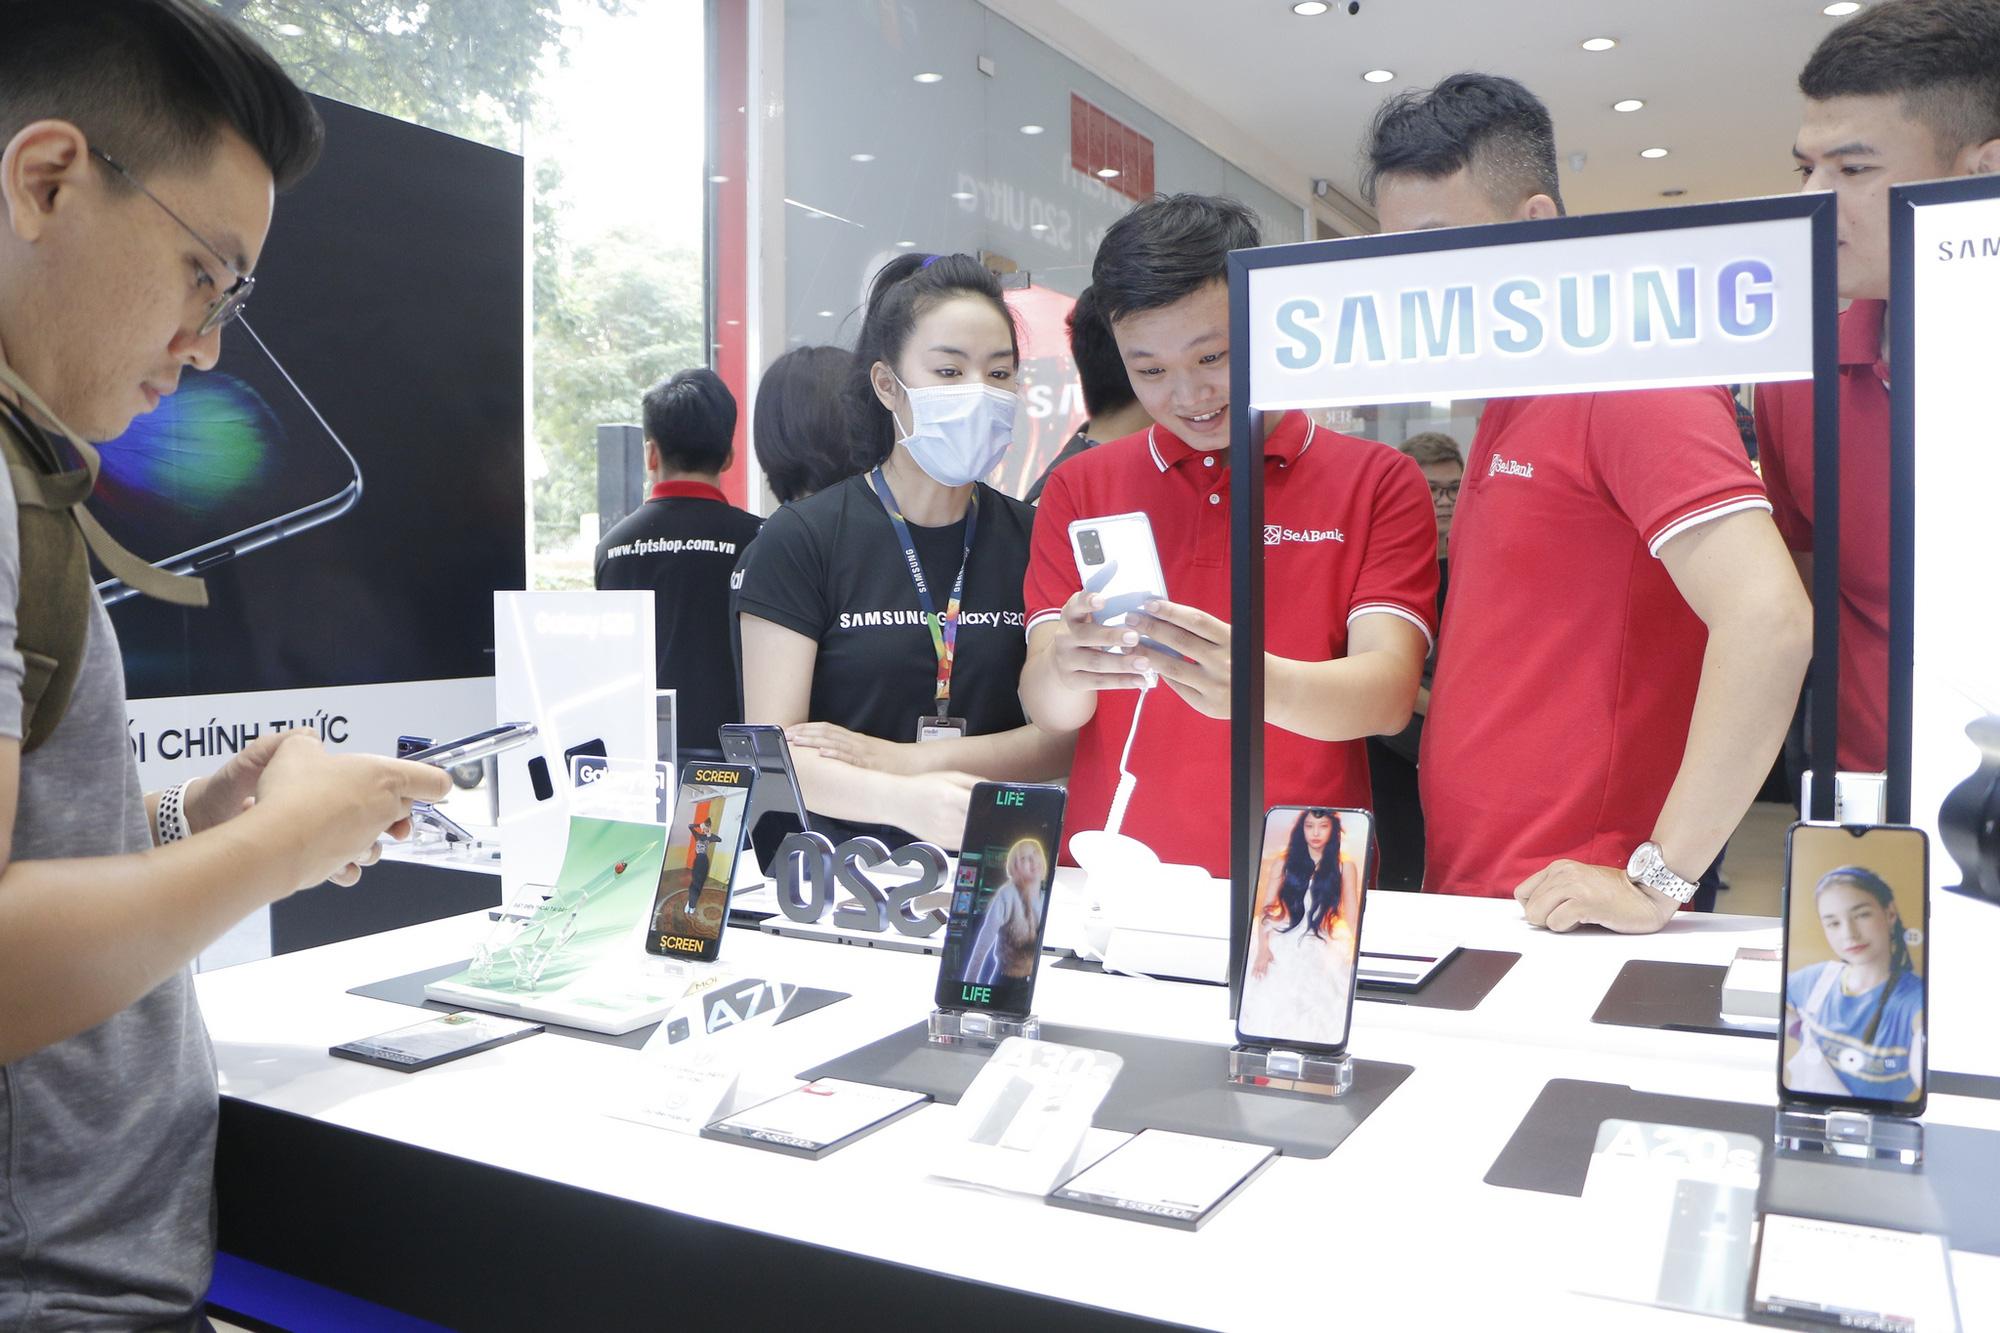 FPT Shop nhộn nhịp trong ngày mở bán Galaxy S20 - Ảnh 1.